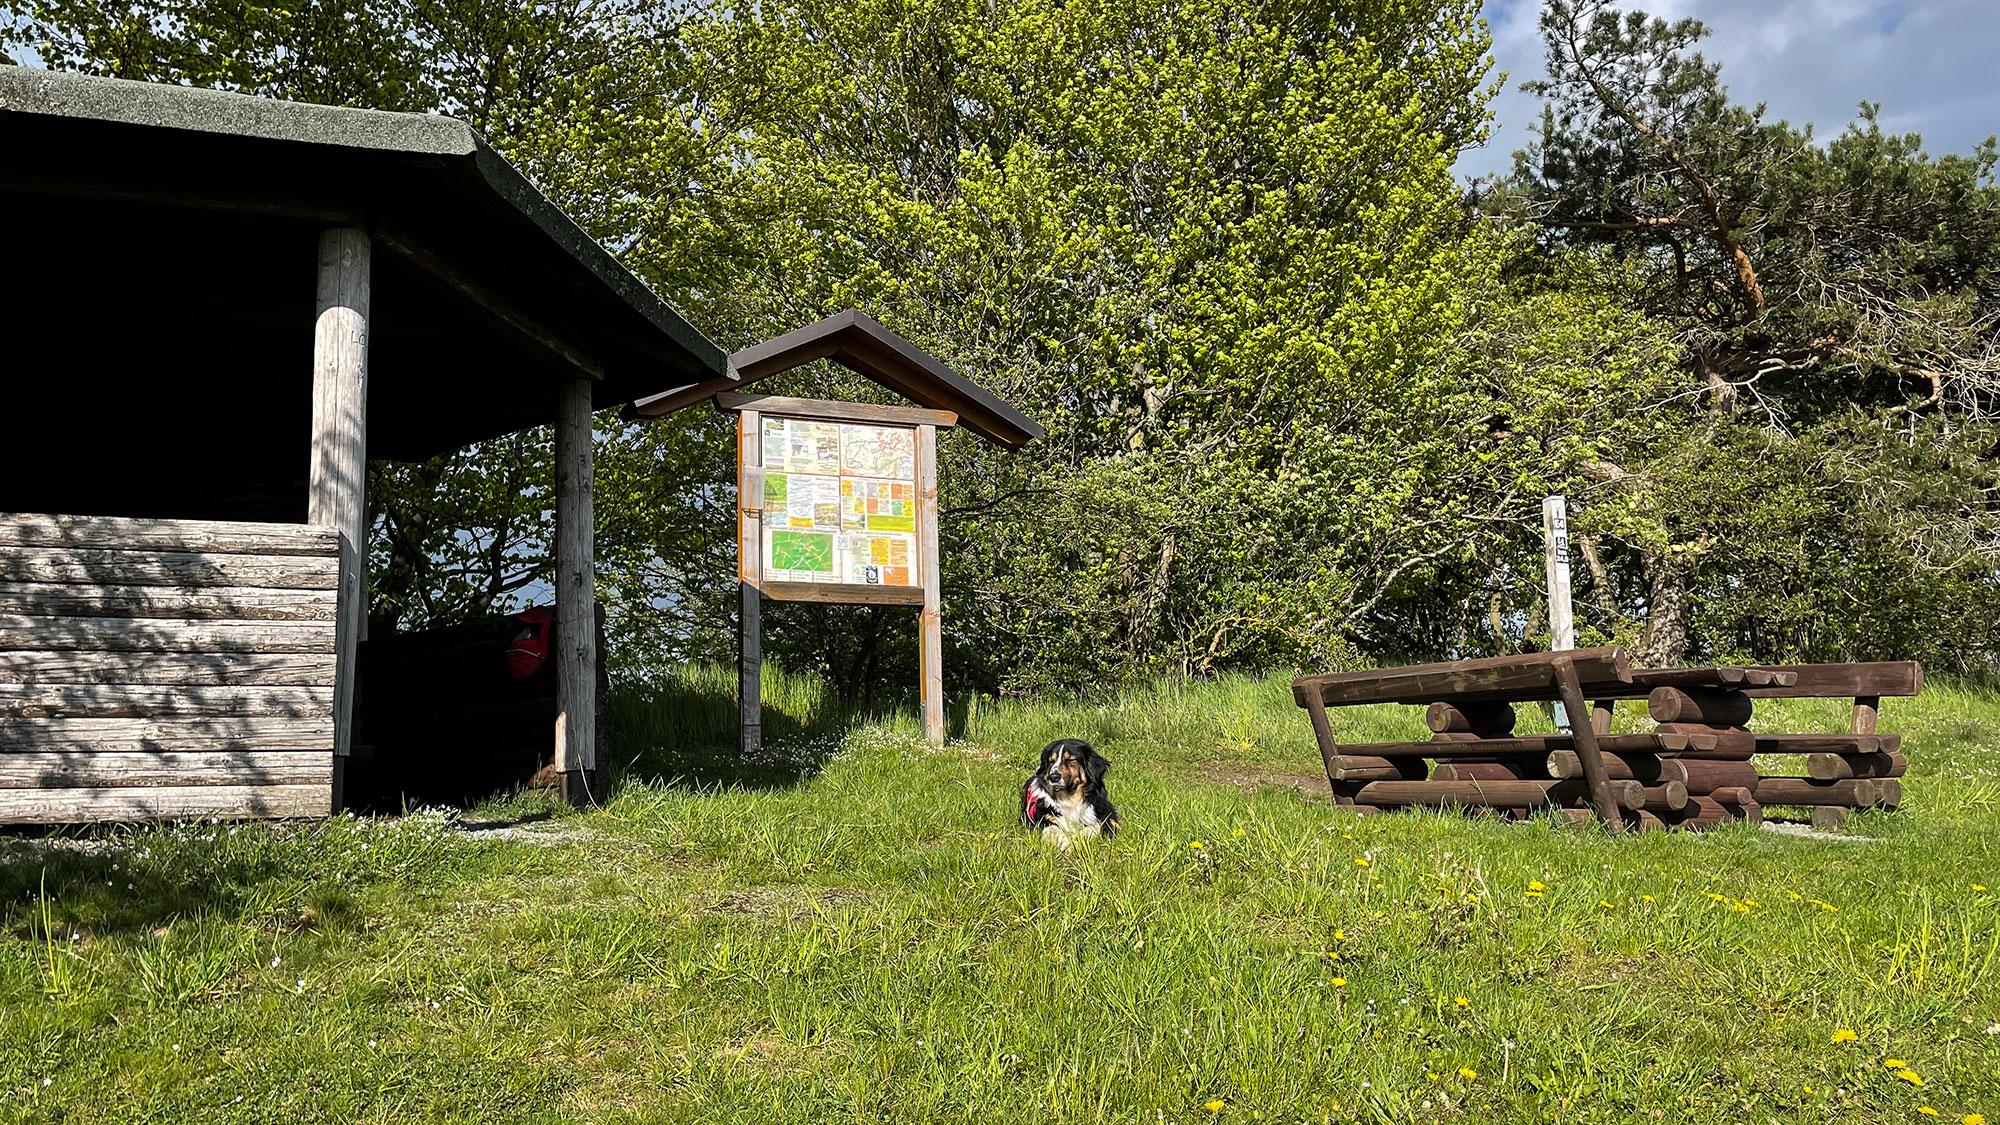 Schutzhütte mit Bank und Hund am Trekkingplatz-Eimelrod